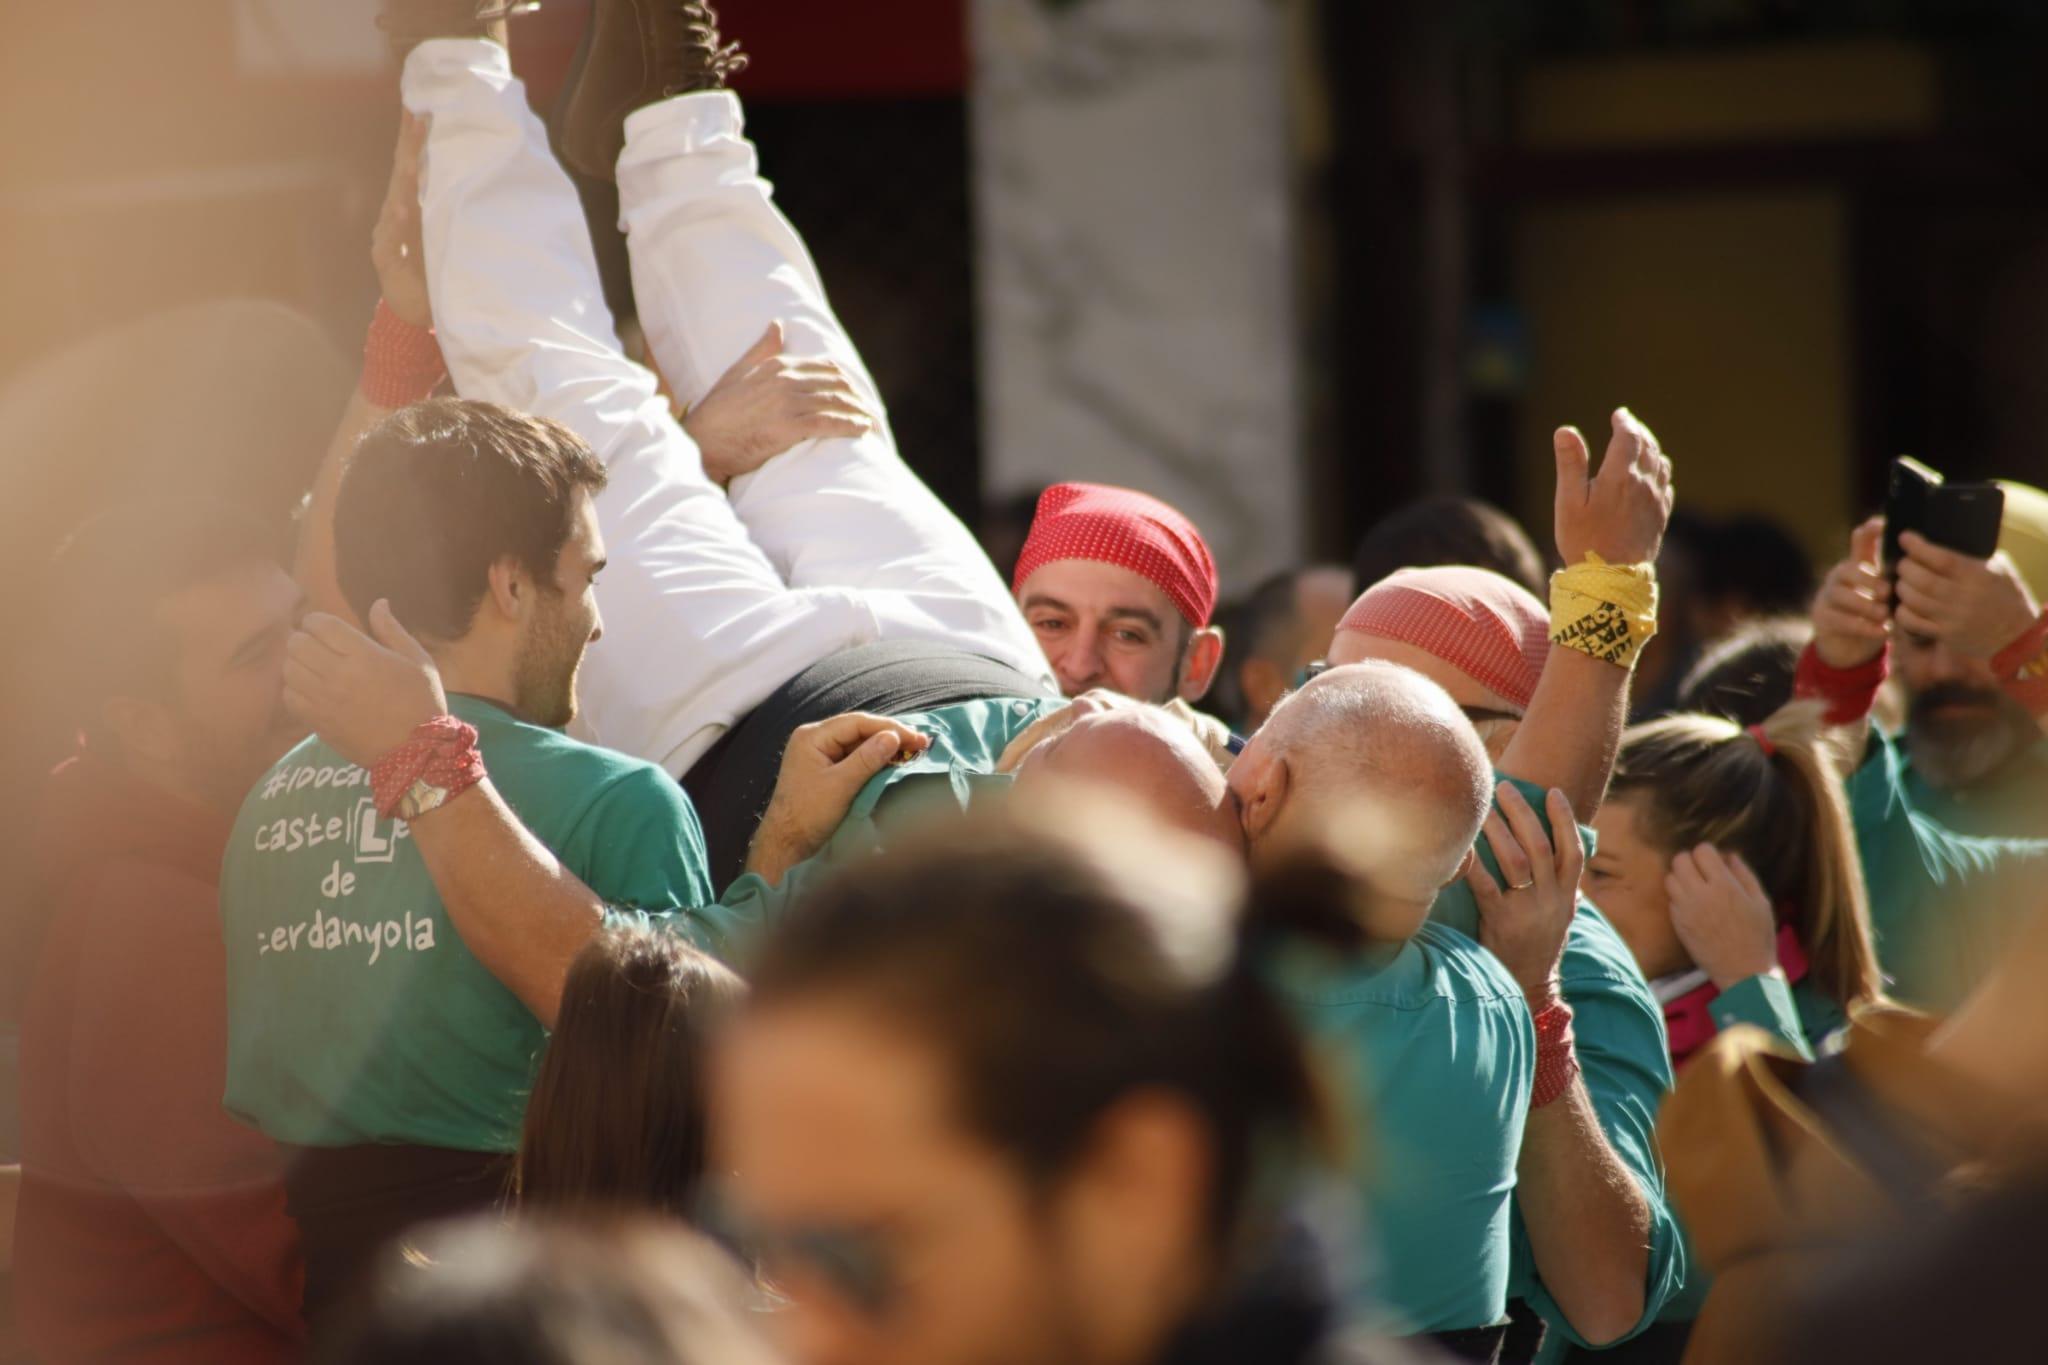 Diada de Sant Martí dels Castellers de Cerdanyola. FOTO: Adrián Gómez